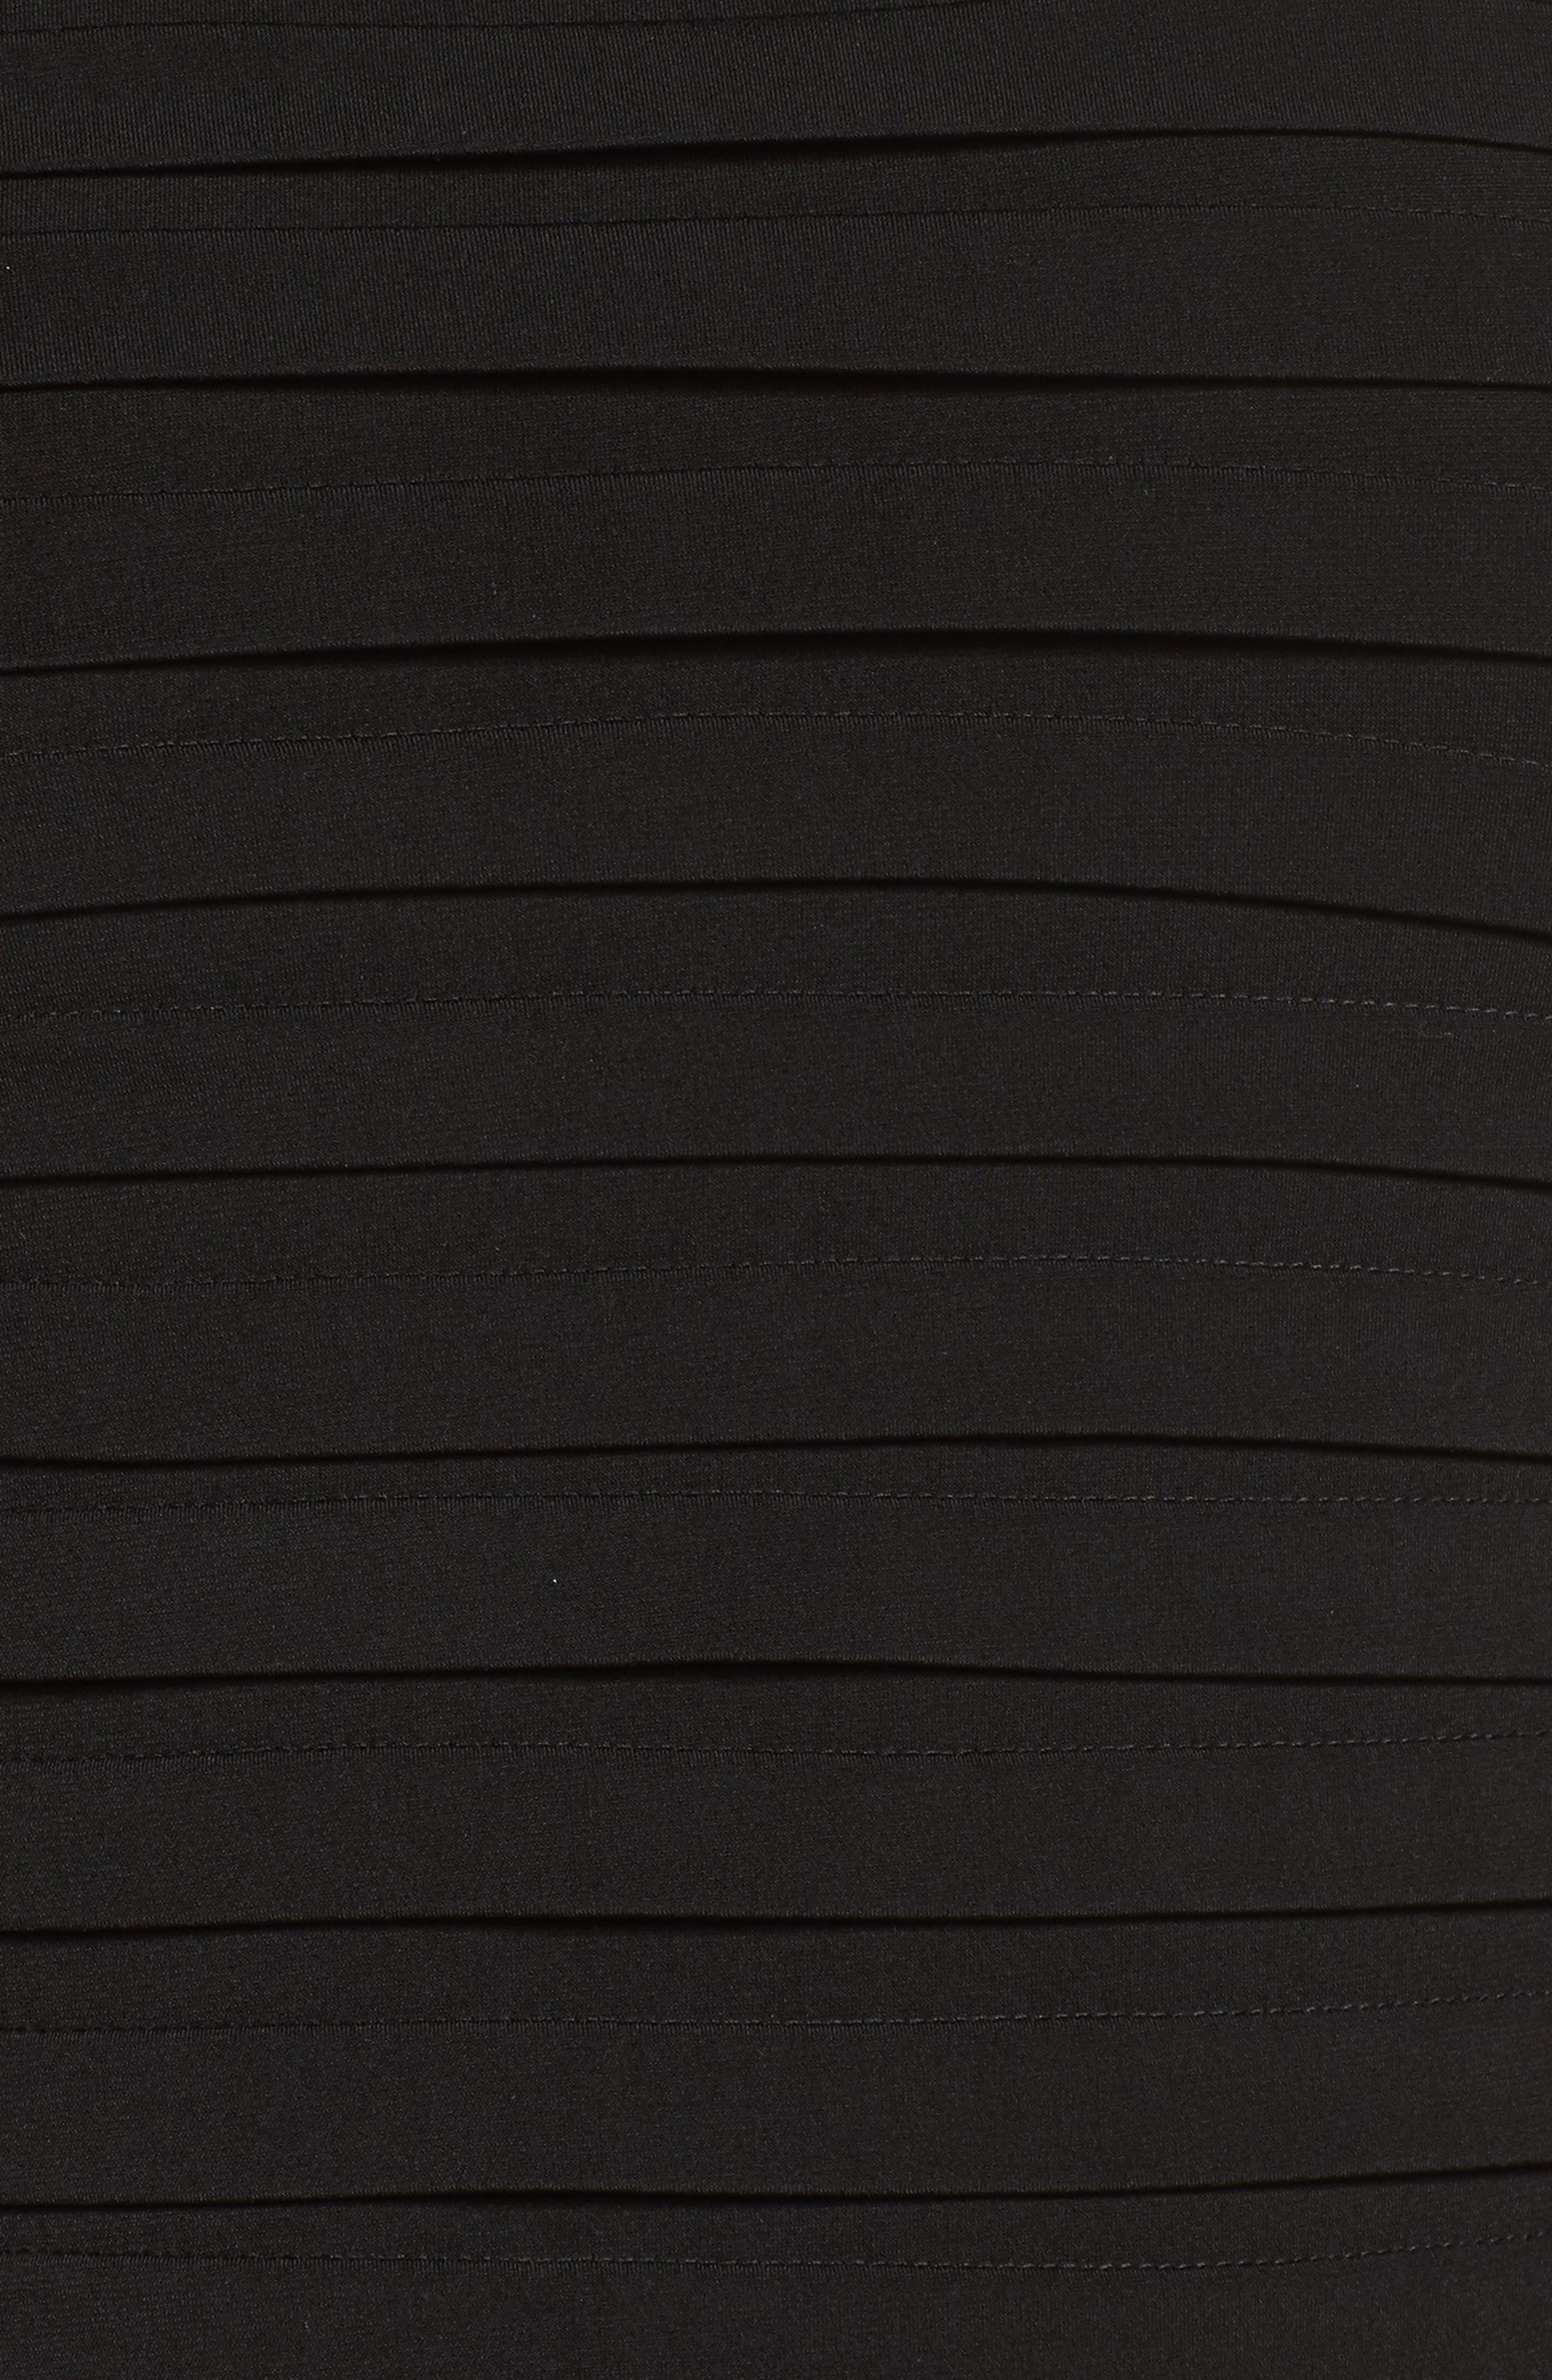 Velvet Trim Sheath Dress,                             Alternate thumbnail 5, color,                             Black